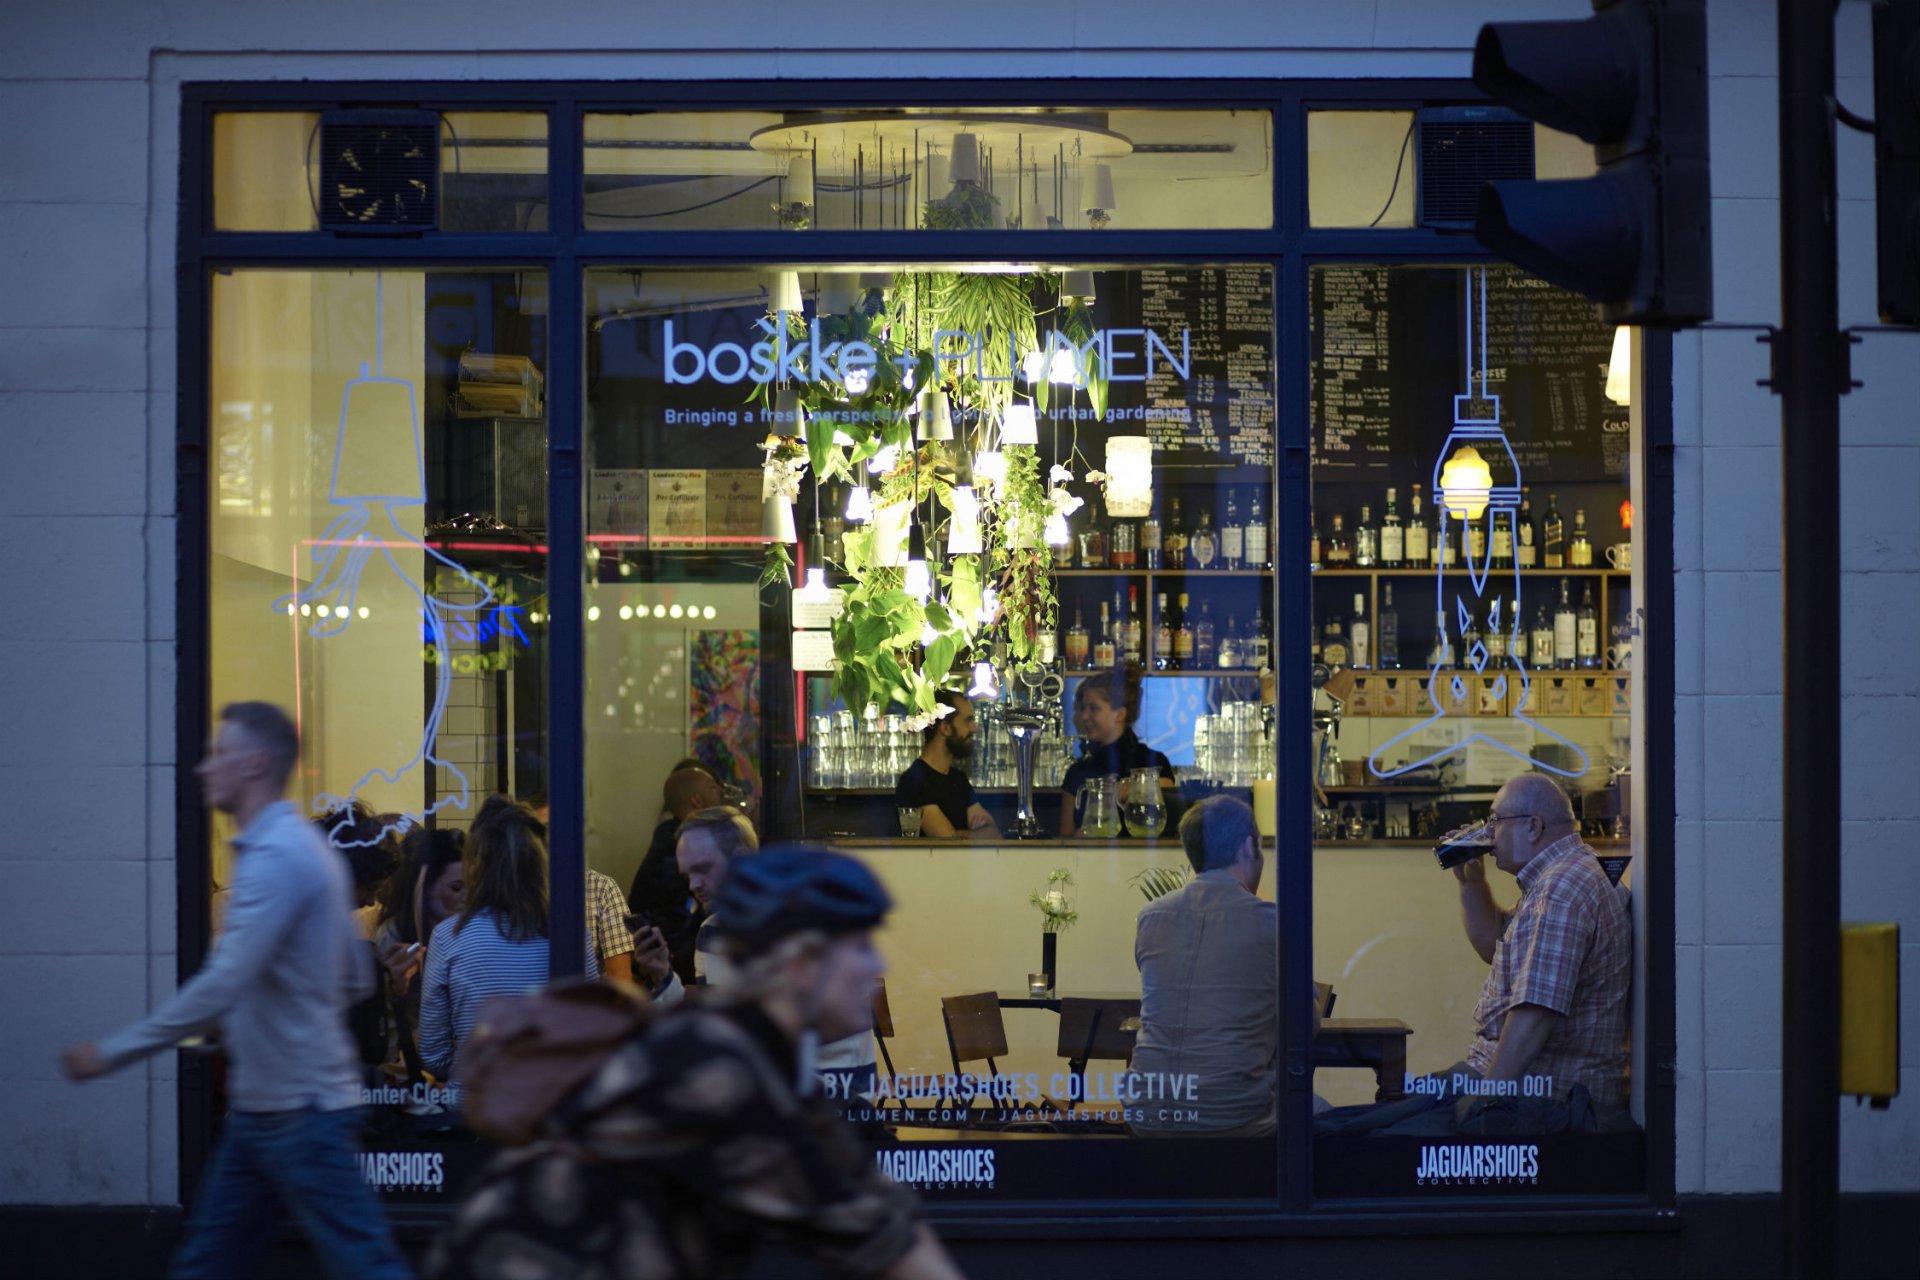 BoskkeXPlumen001 Boskke Installation Hulger